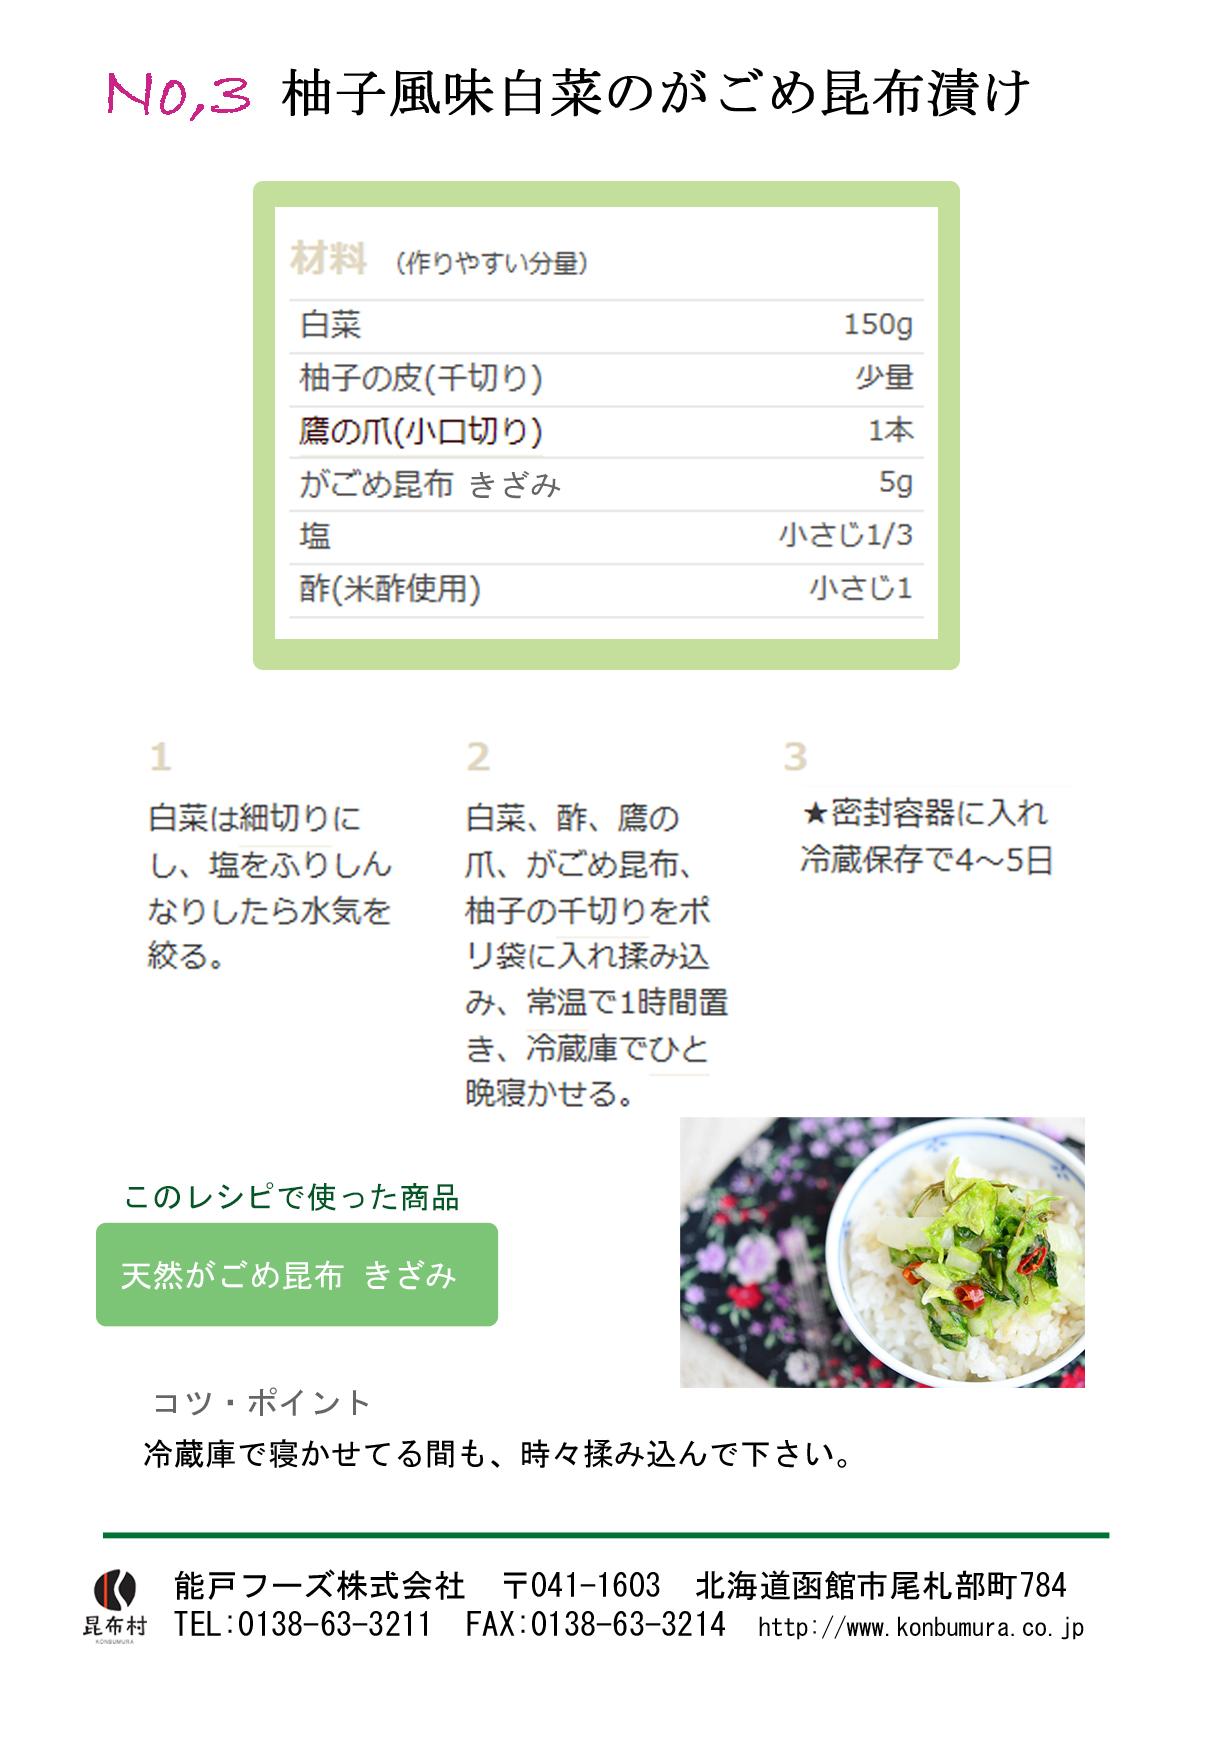 レシピ3 柚子風味白菜のがごめ昆布漬け